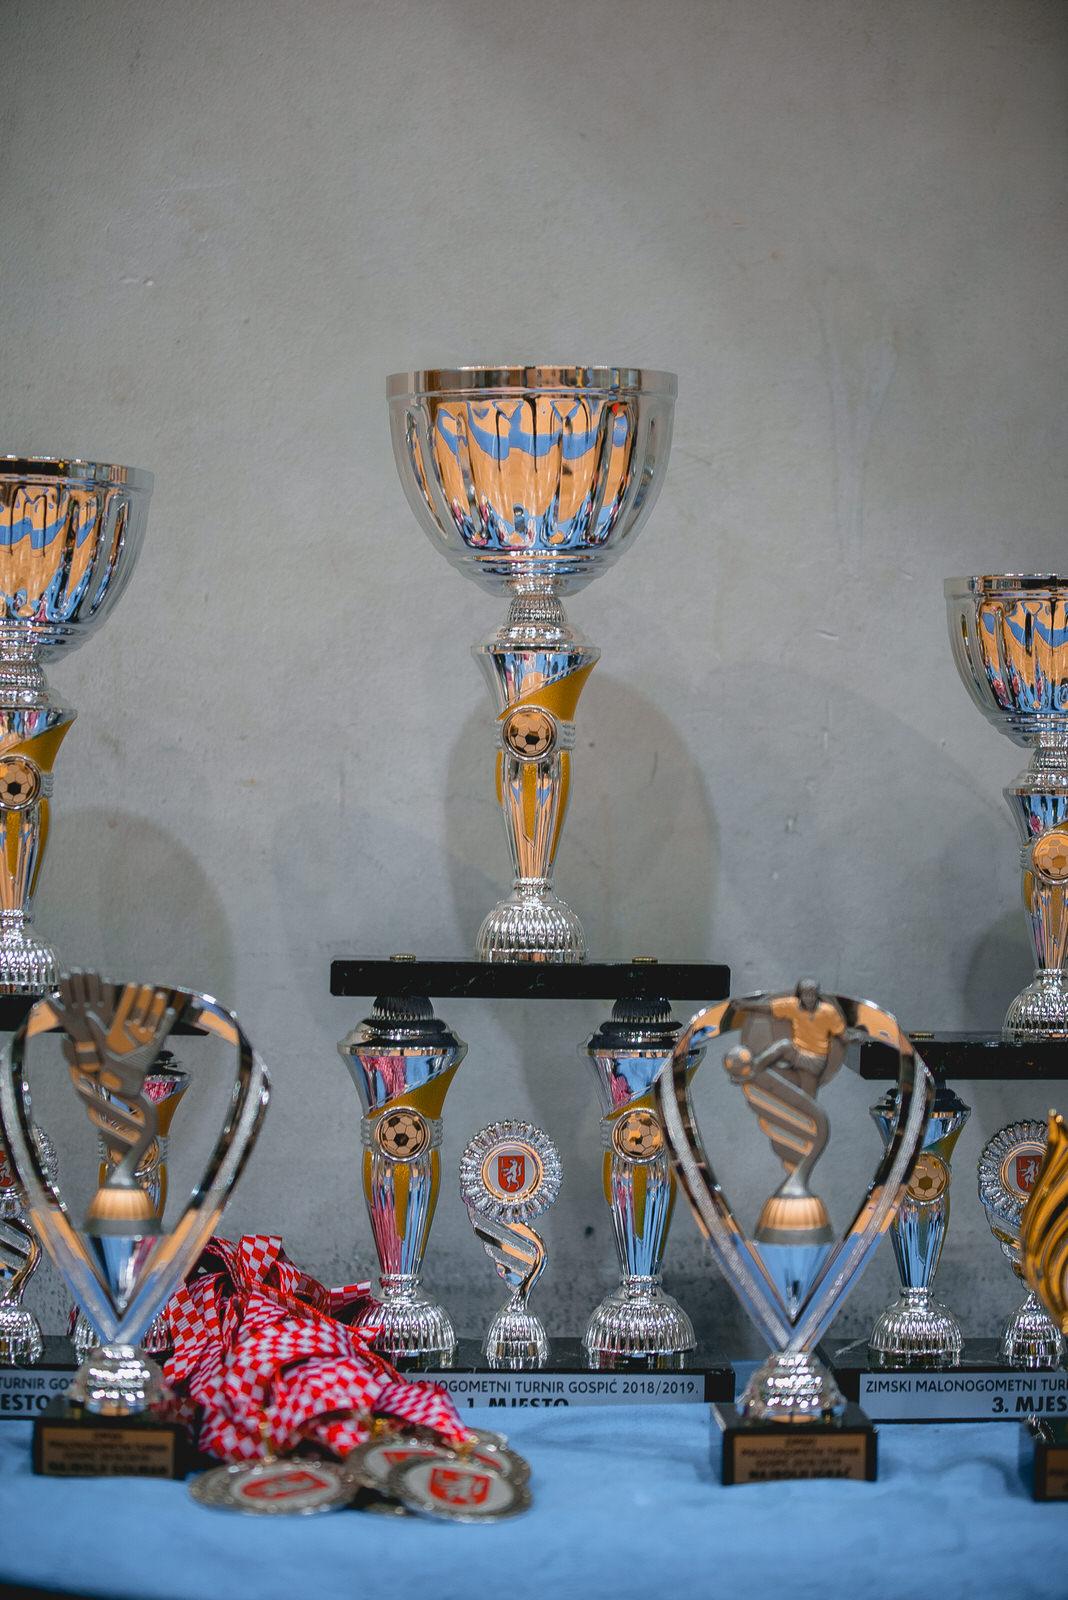 likaclub_gospić_zimski-malonogometni-turnir-2018-19-6